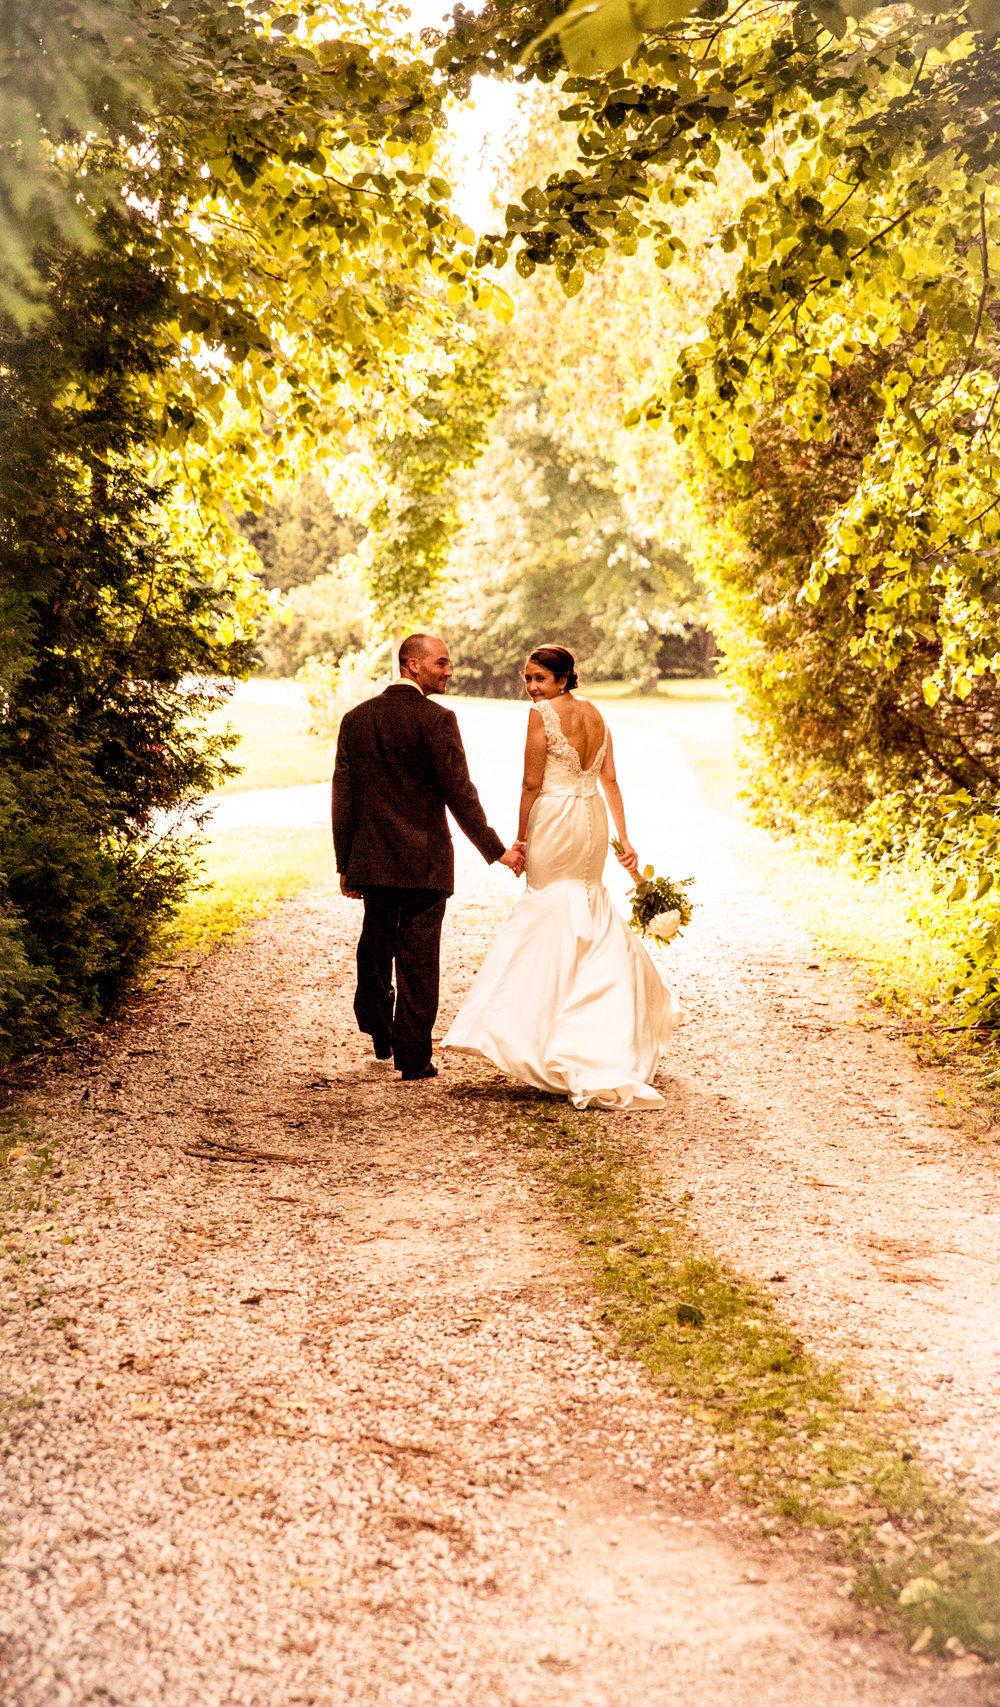 timkennedyphoto-weddings-48.jpg